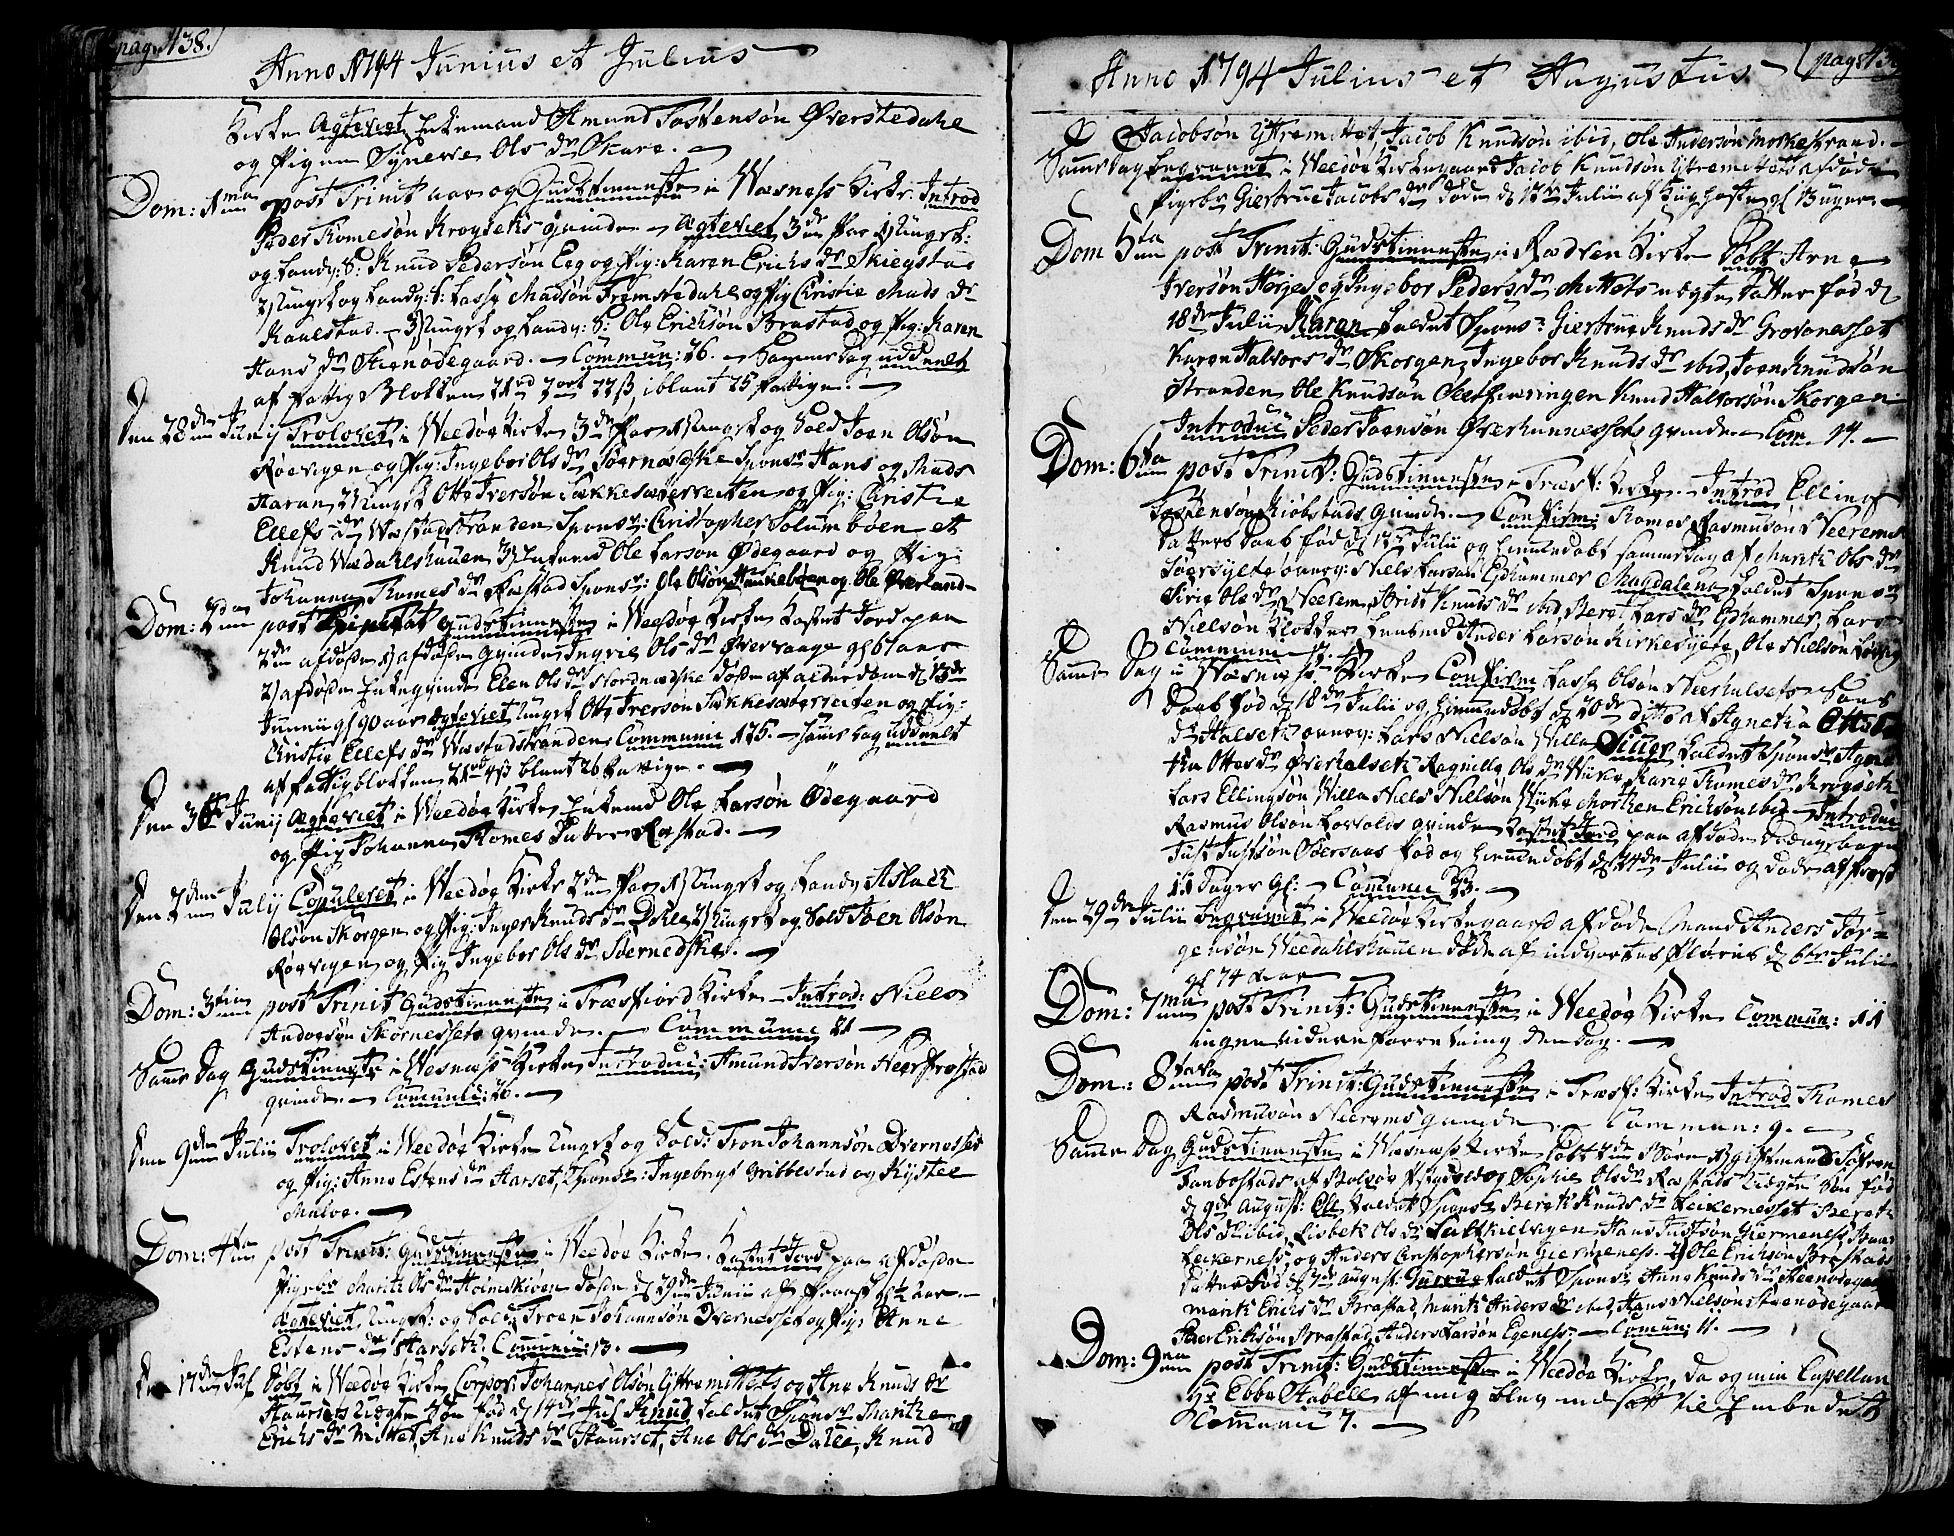 SAT, Ministerialprotokoller, klokkerbøker og fødselsregistre - Møre og Romsdal, 547/L0600: Ministerialbok nr. 547A02, 1765-1799, s. 438-439